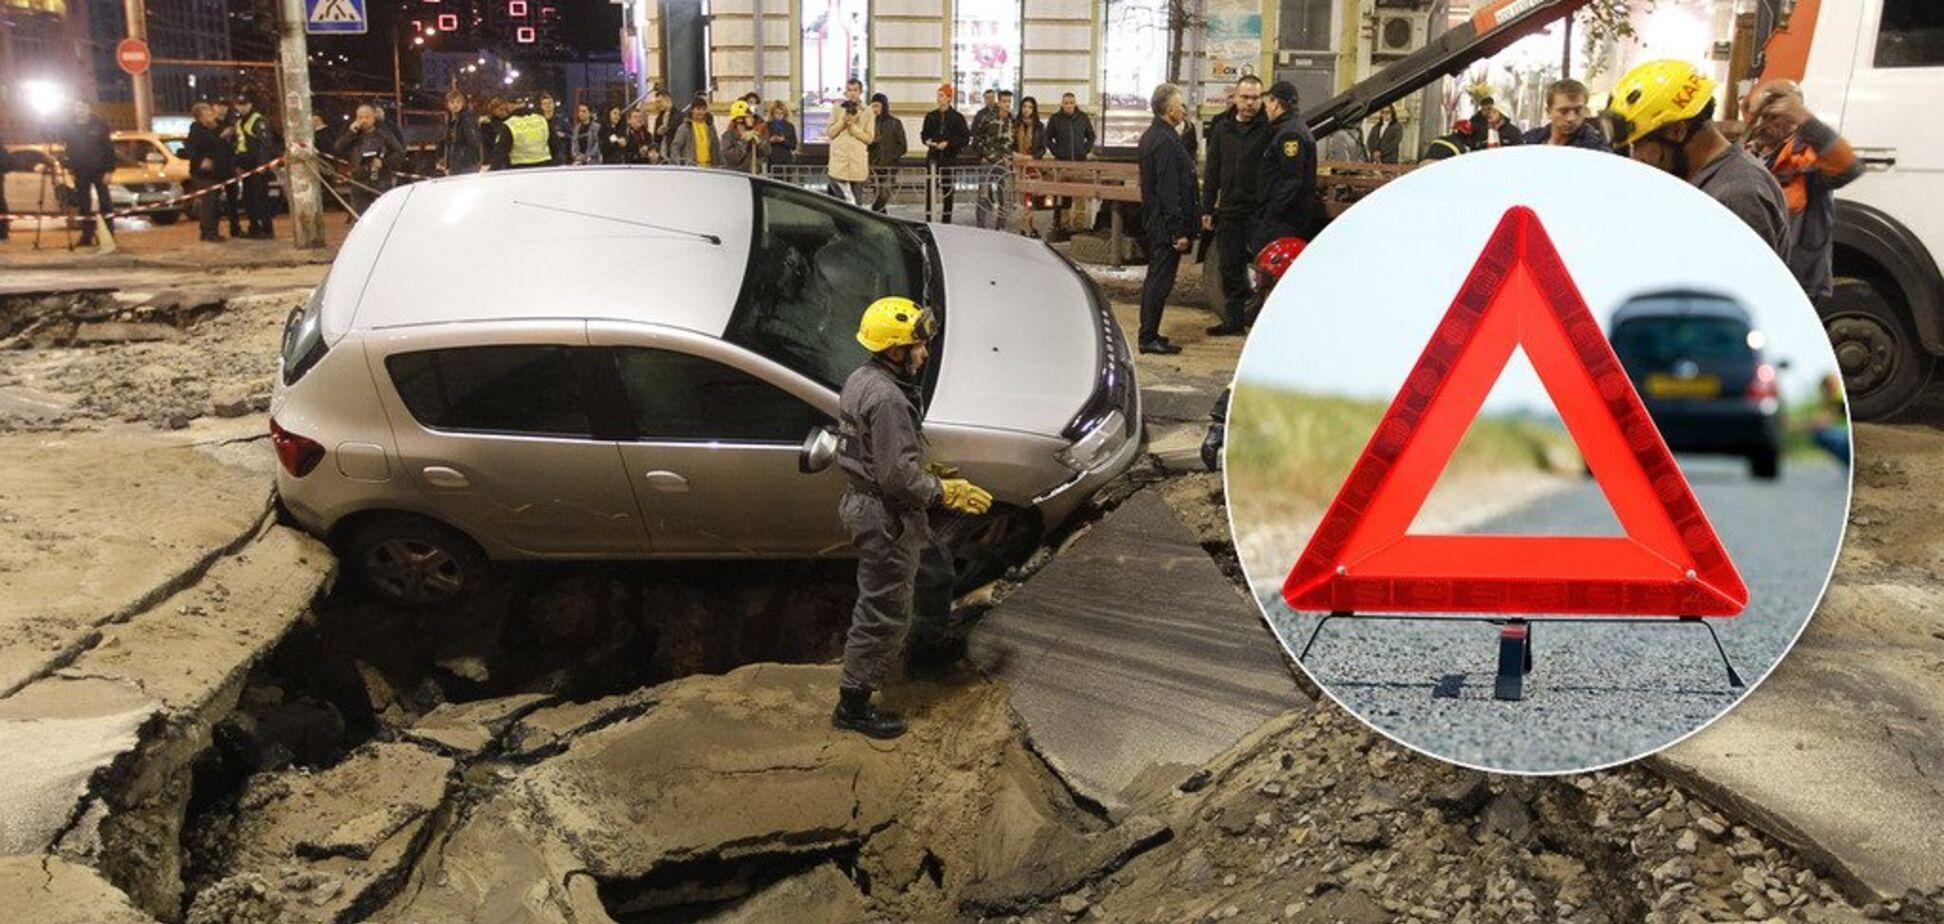 Найгірші в Європі: чому українці масово гинуть на дорогах і як врятувати ситуацію